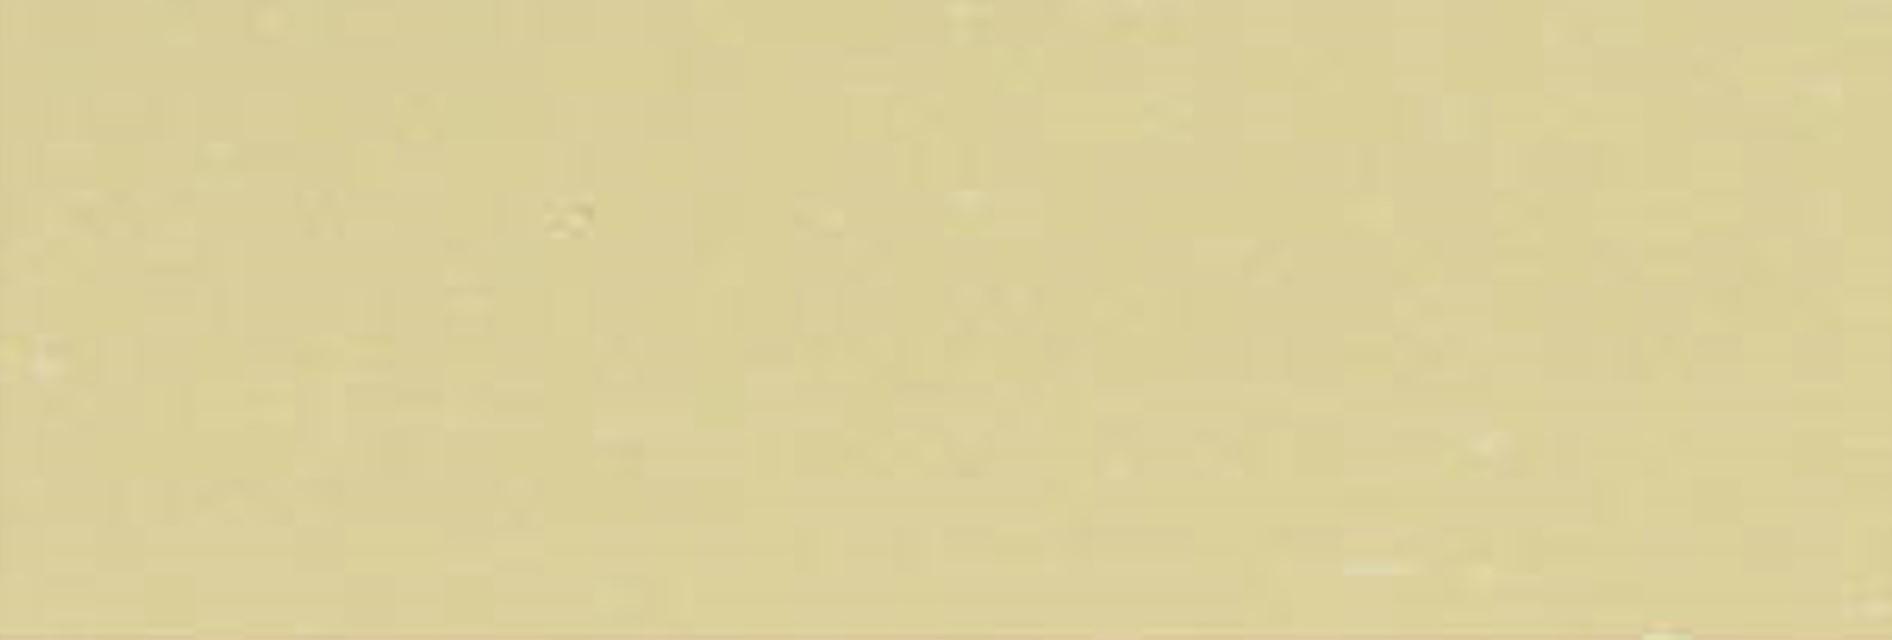 กระเบื้องยางม้วน1.2M*10M Dynoflex YellowGold ราคา400บาทรวมปู